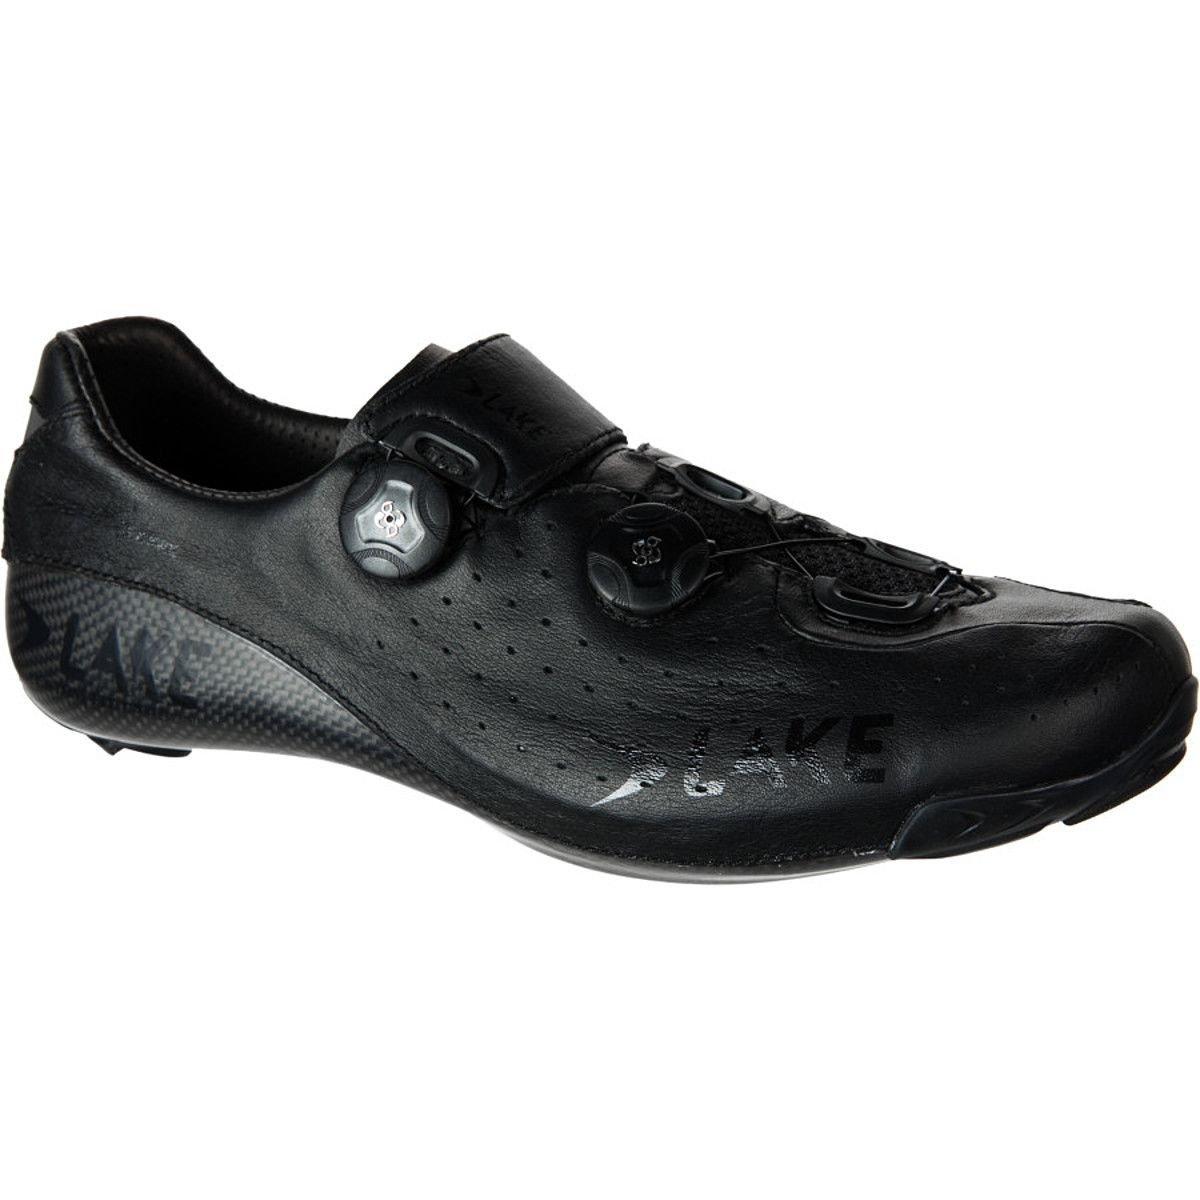 [レイク] メンズ サイクリング CX402 Wide Cycling Shoe [並行輸入品] 44.5/Wide  B07FNB7D4Q